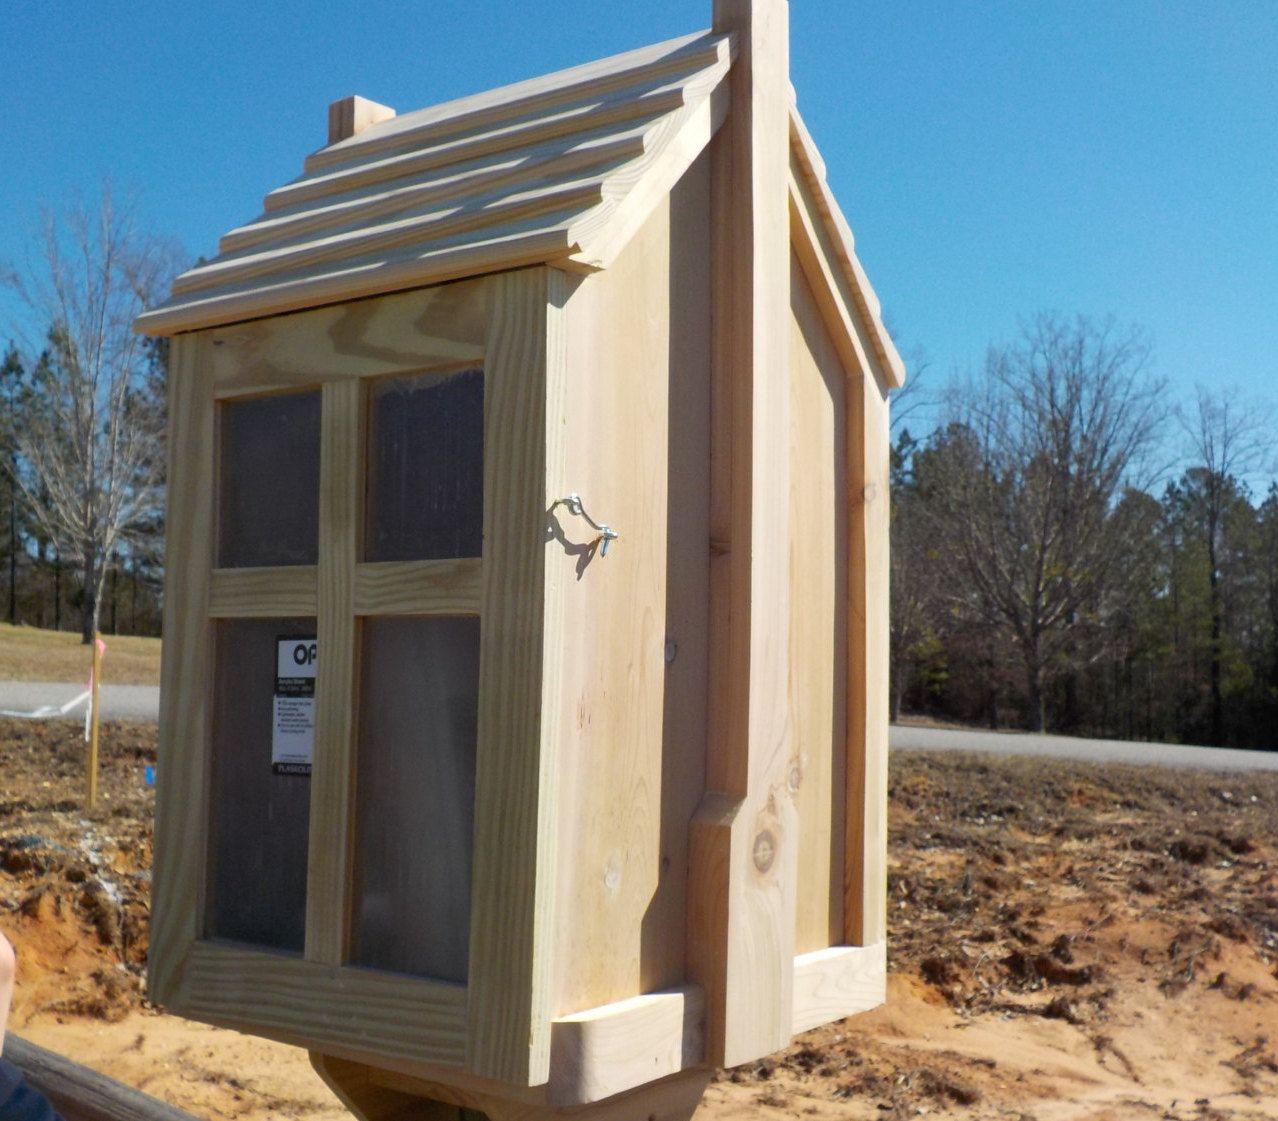 Chimney Style Little House On A Stick2 Shelf Fully Etsy Little House House Bird Houses Feeders